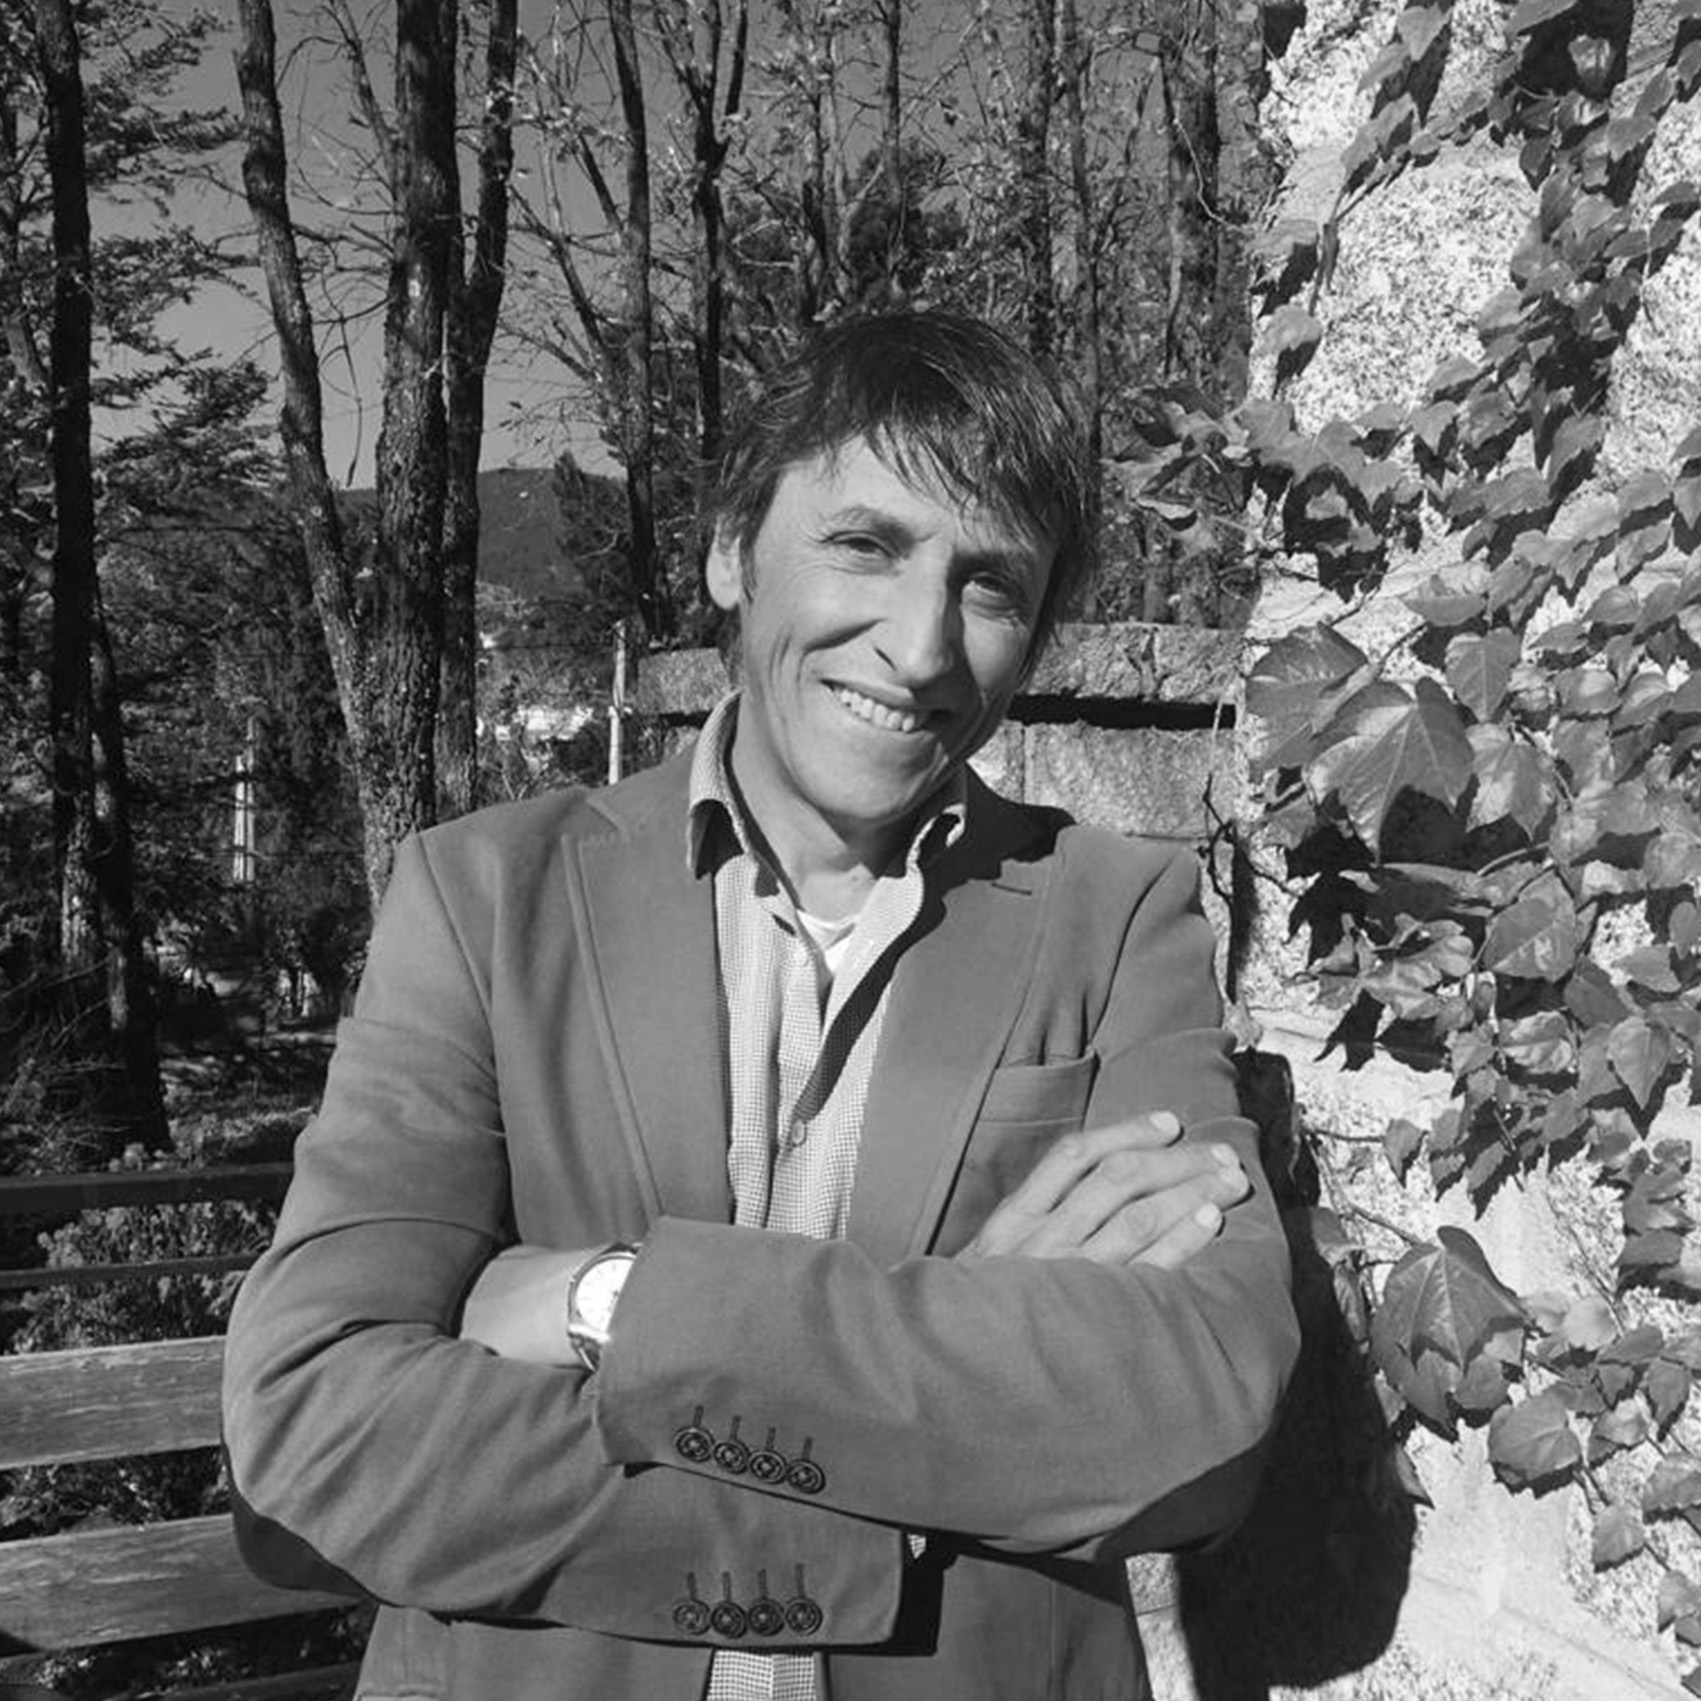 Julio Verdasco